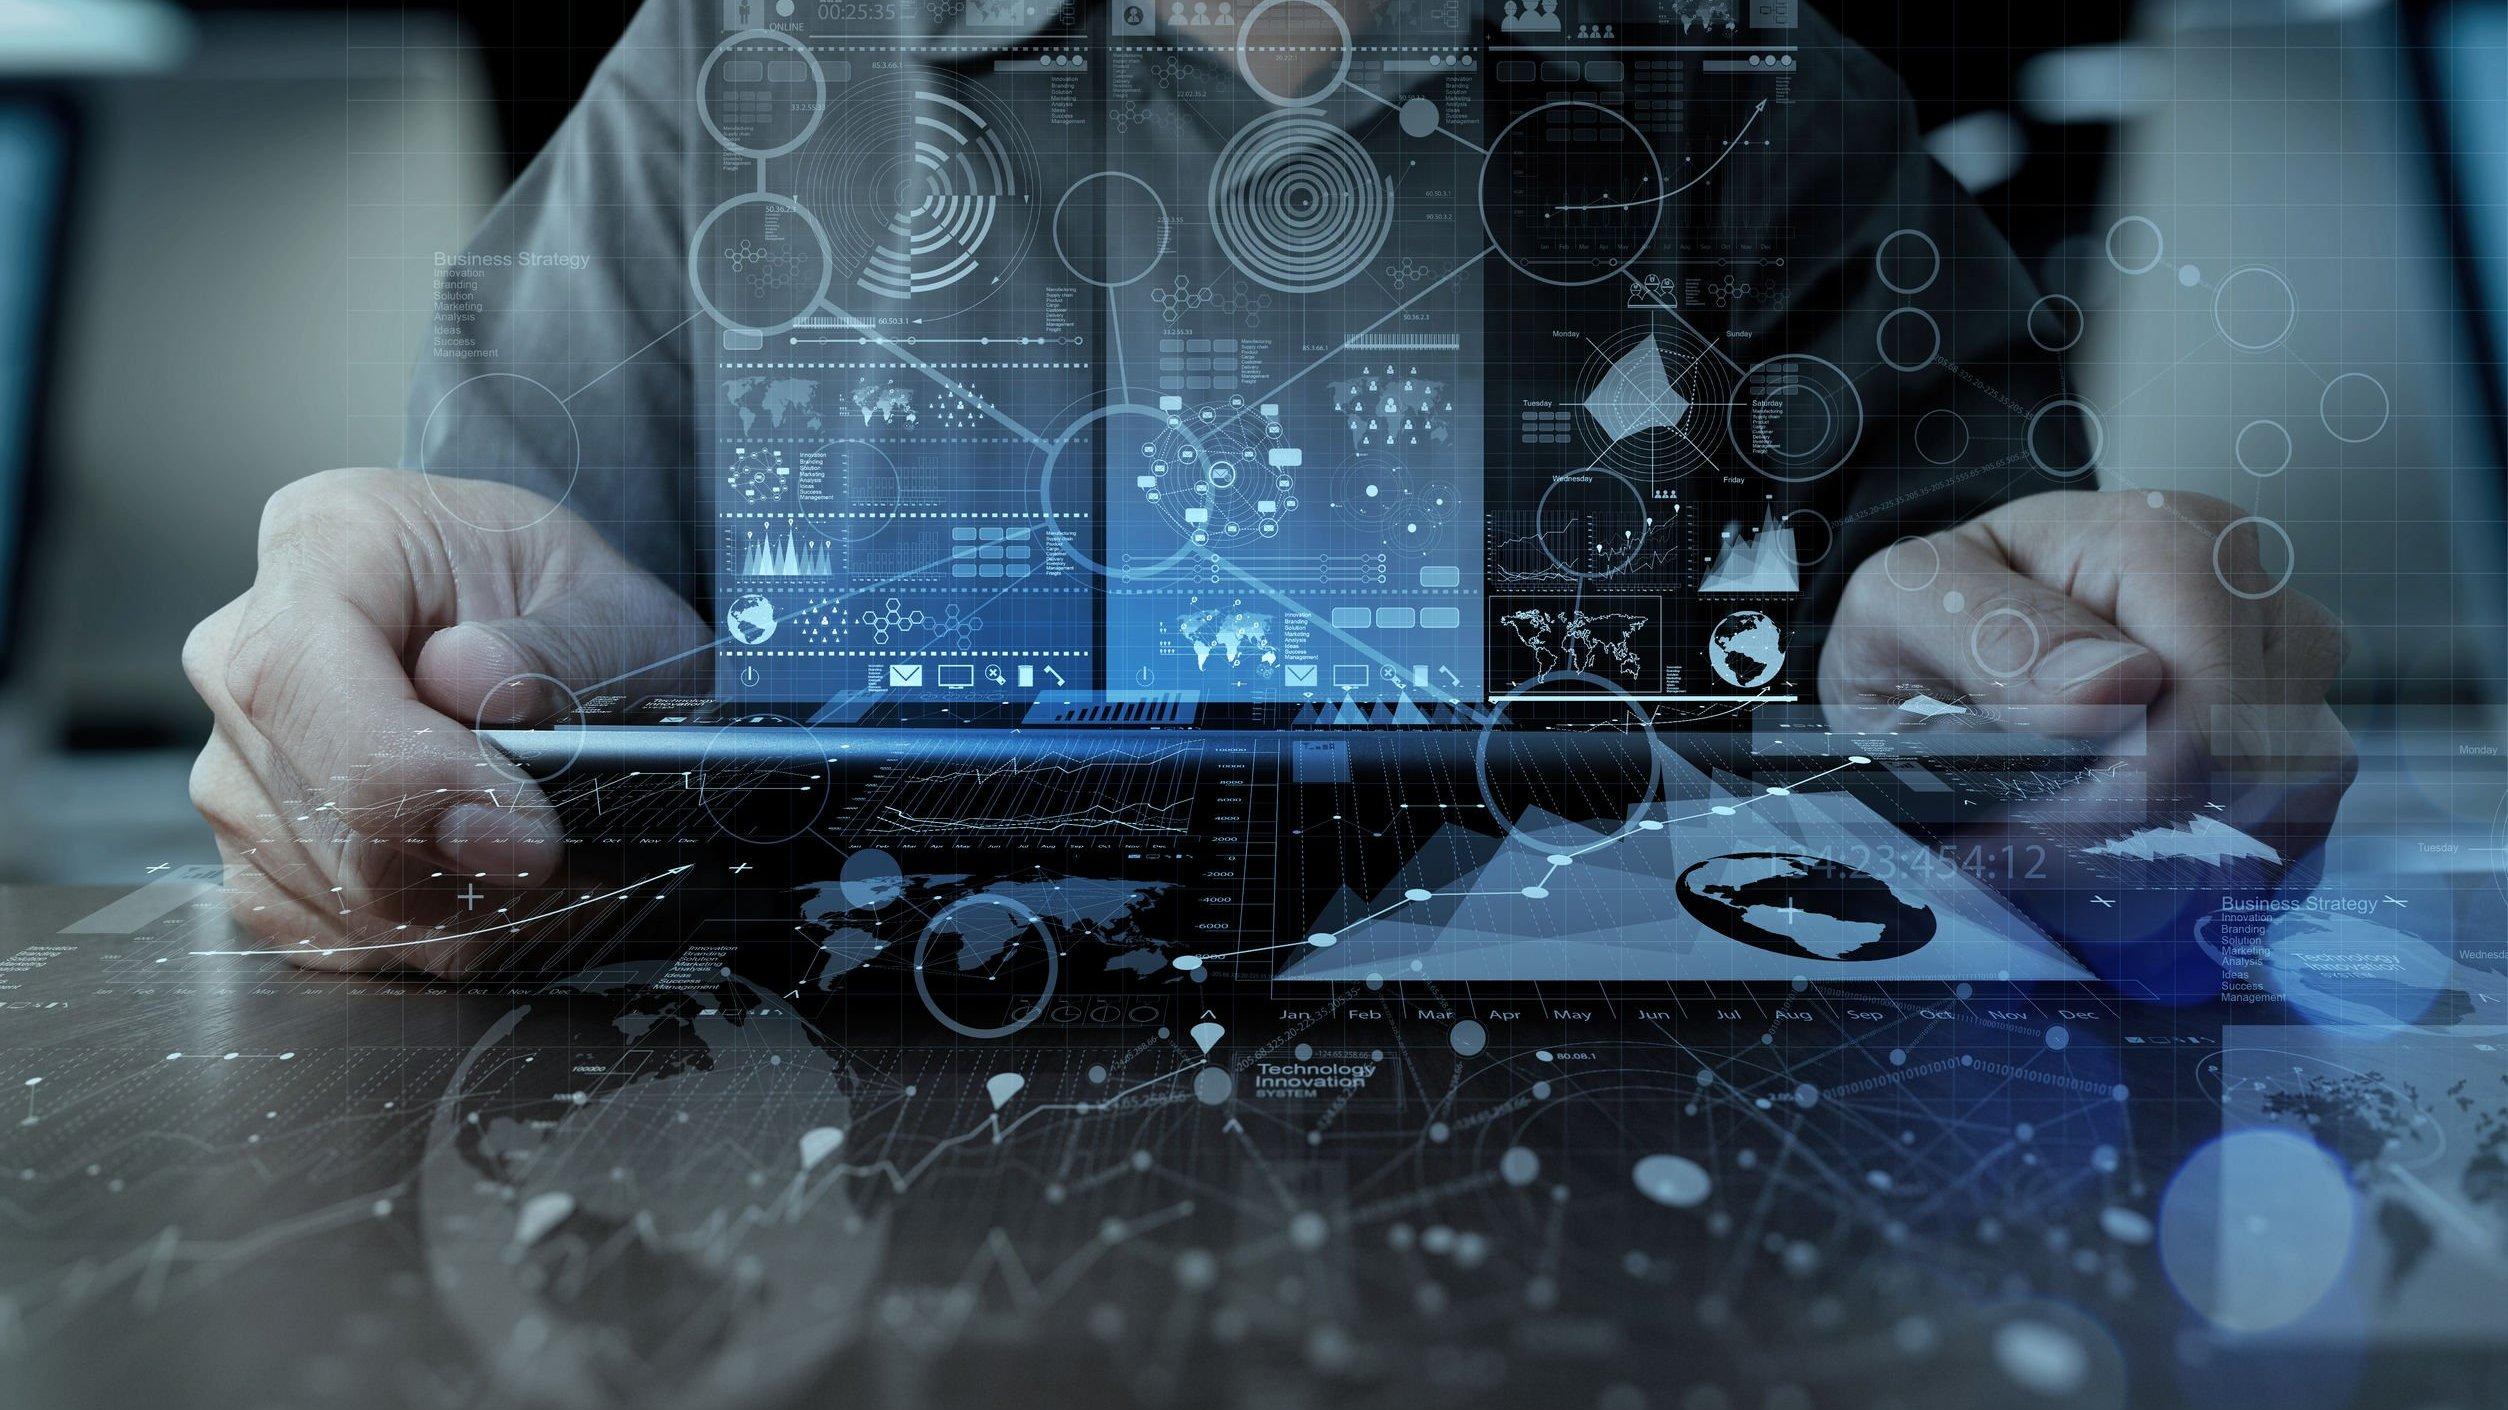 Ilustração gráfica de mão de empresário trabalhando com computador tablet digital de tecnologia moderna e efeito de camada digital como conceito de estratégia de negócios